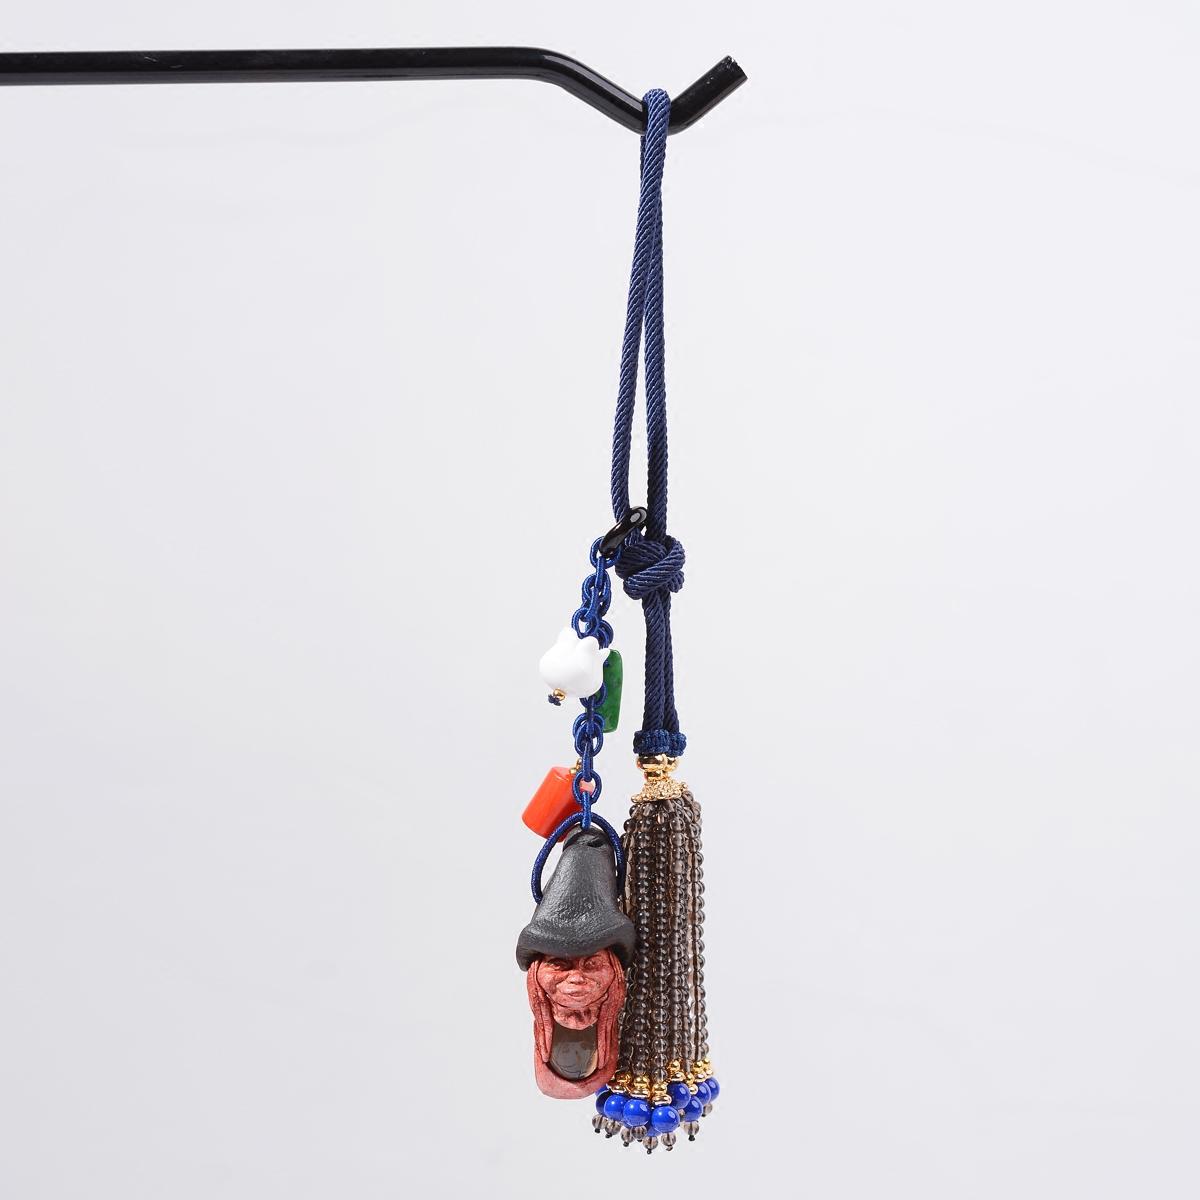 雁唐珠宝北欧精灵符文精灵包挂印度迷你精灵包挂件星座精灵饰品